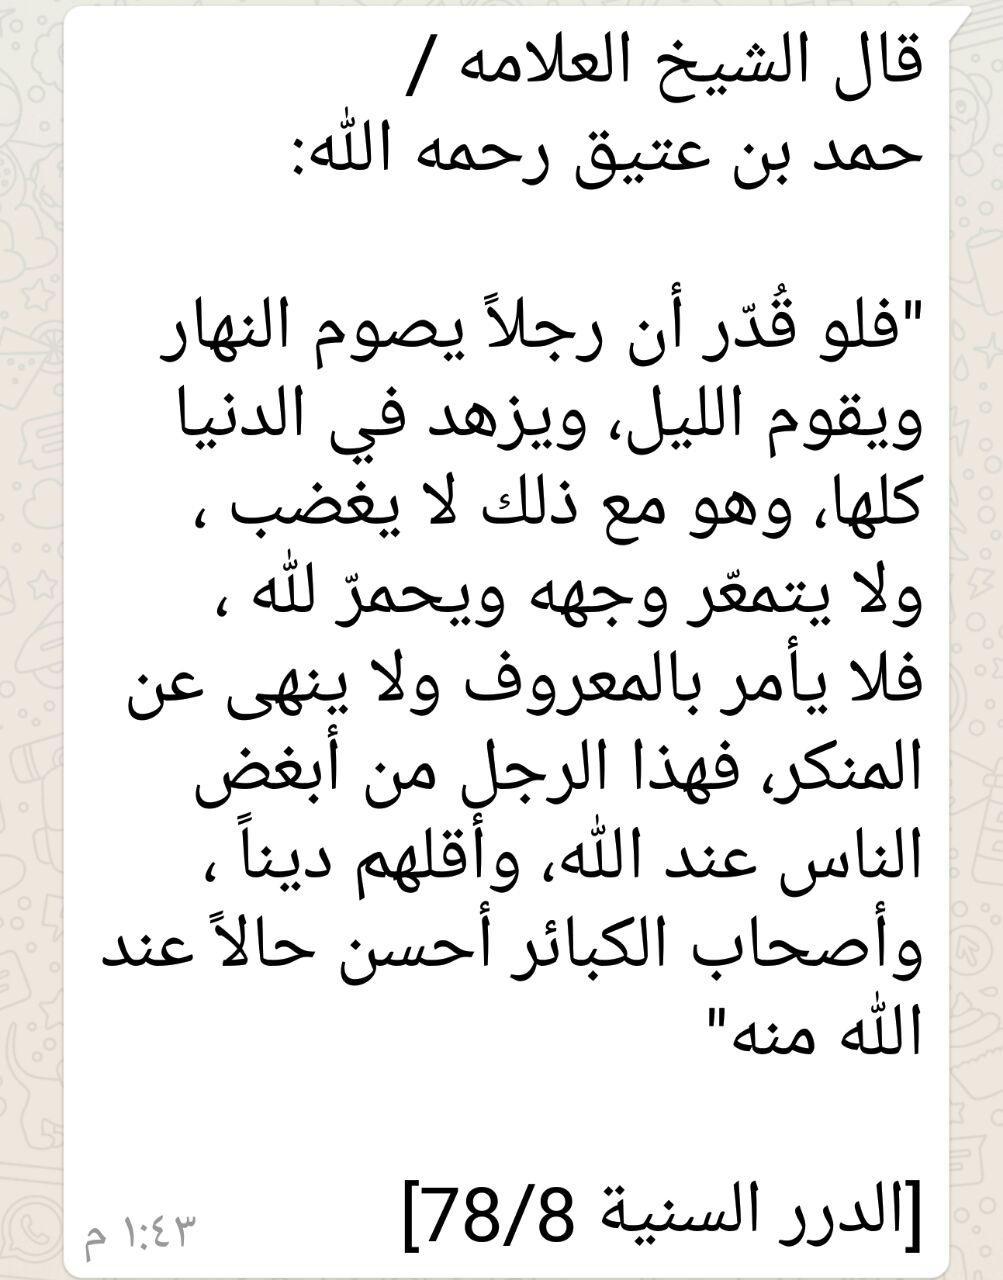 الشيخ العلامة عتيق رحمه الله تعالى